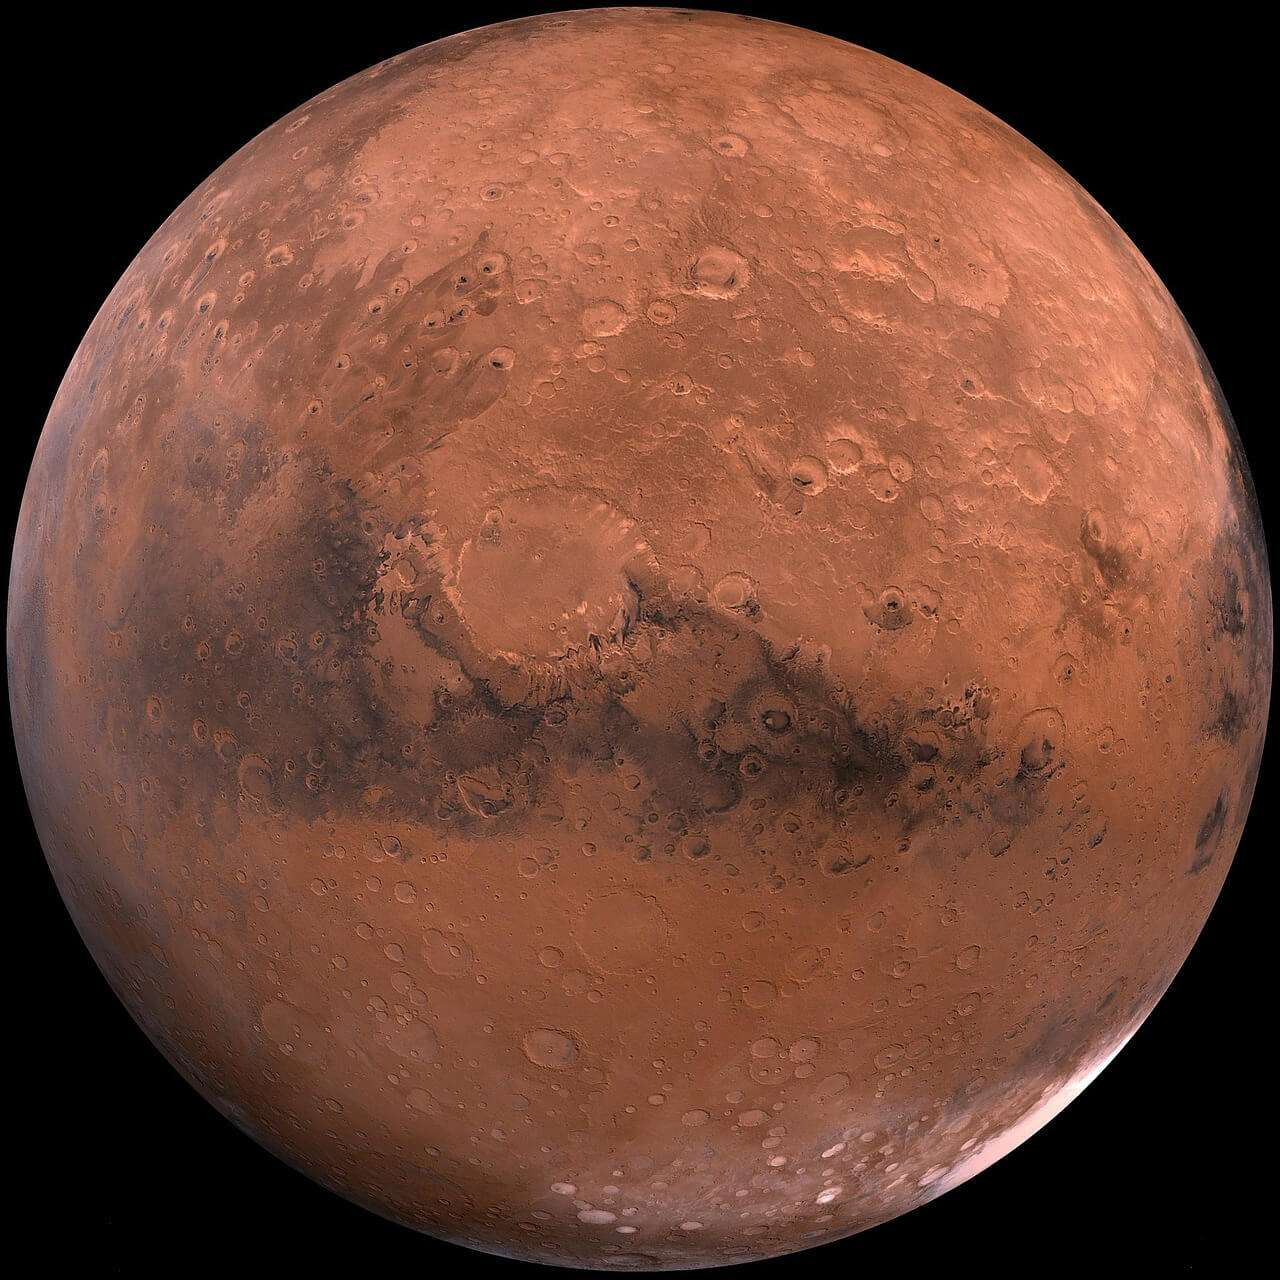 Opportunity seit 15 Jahren unterwegs auf dem Mars